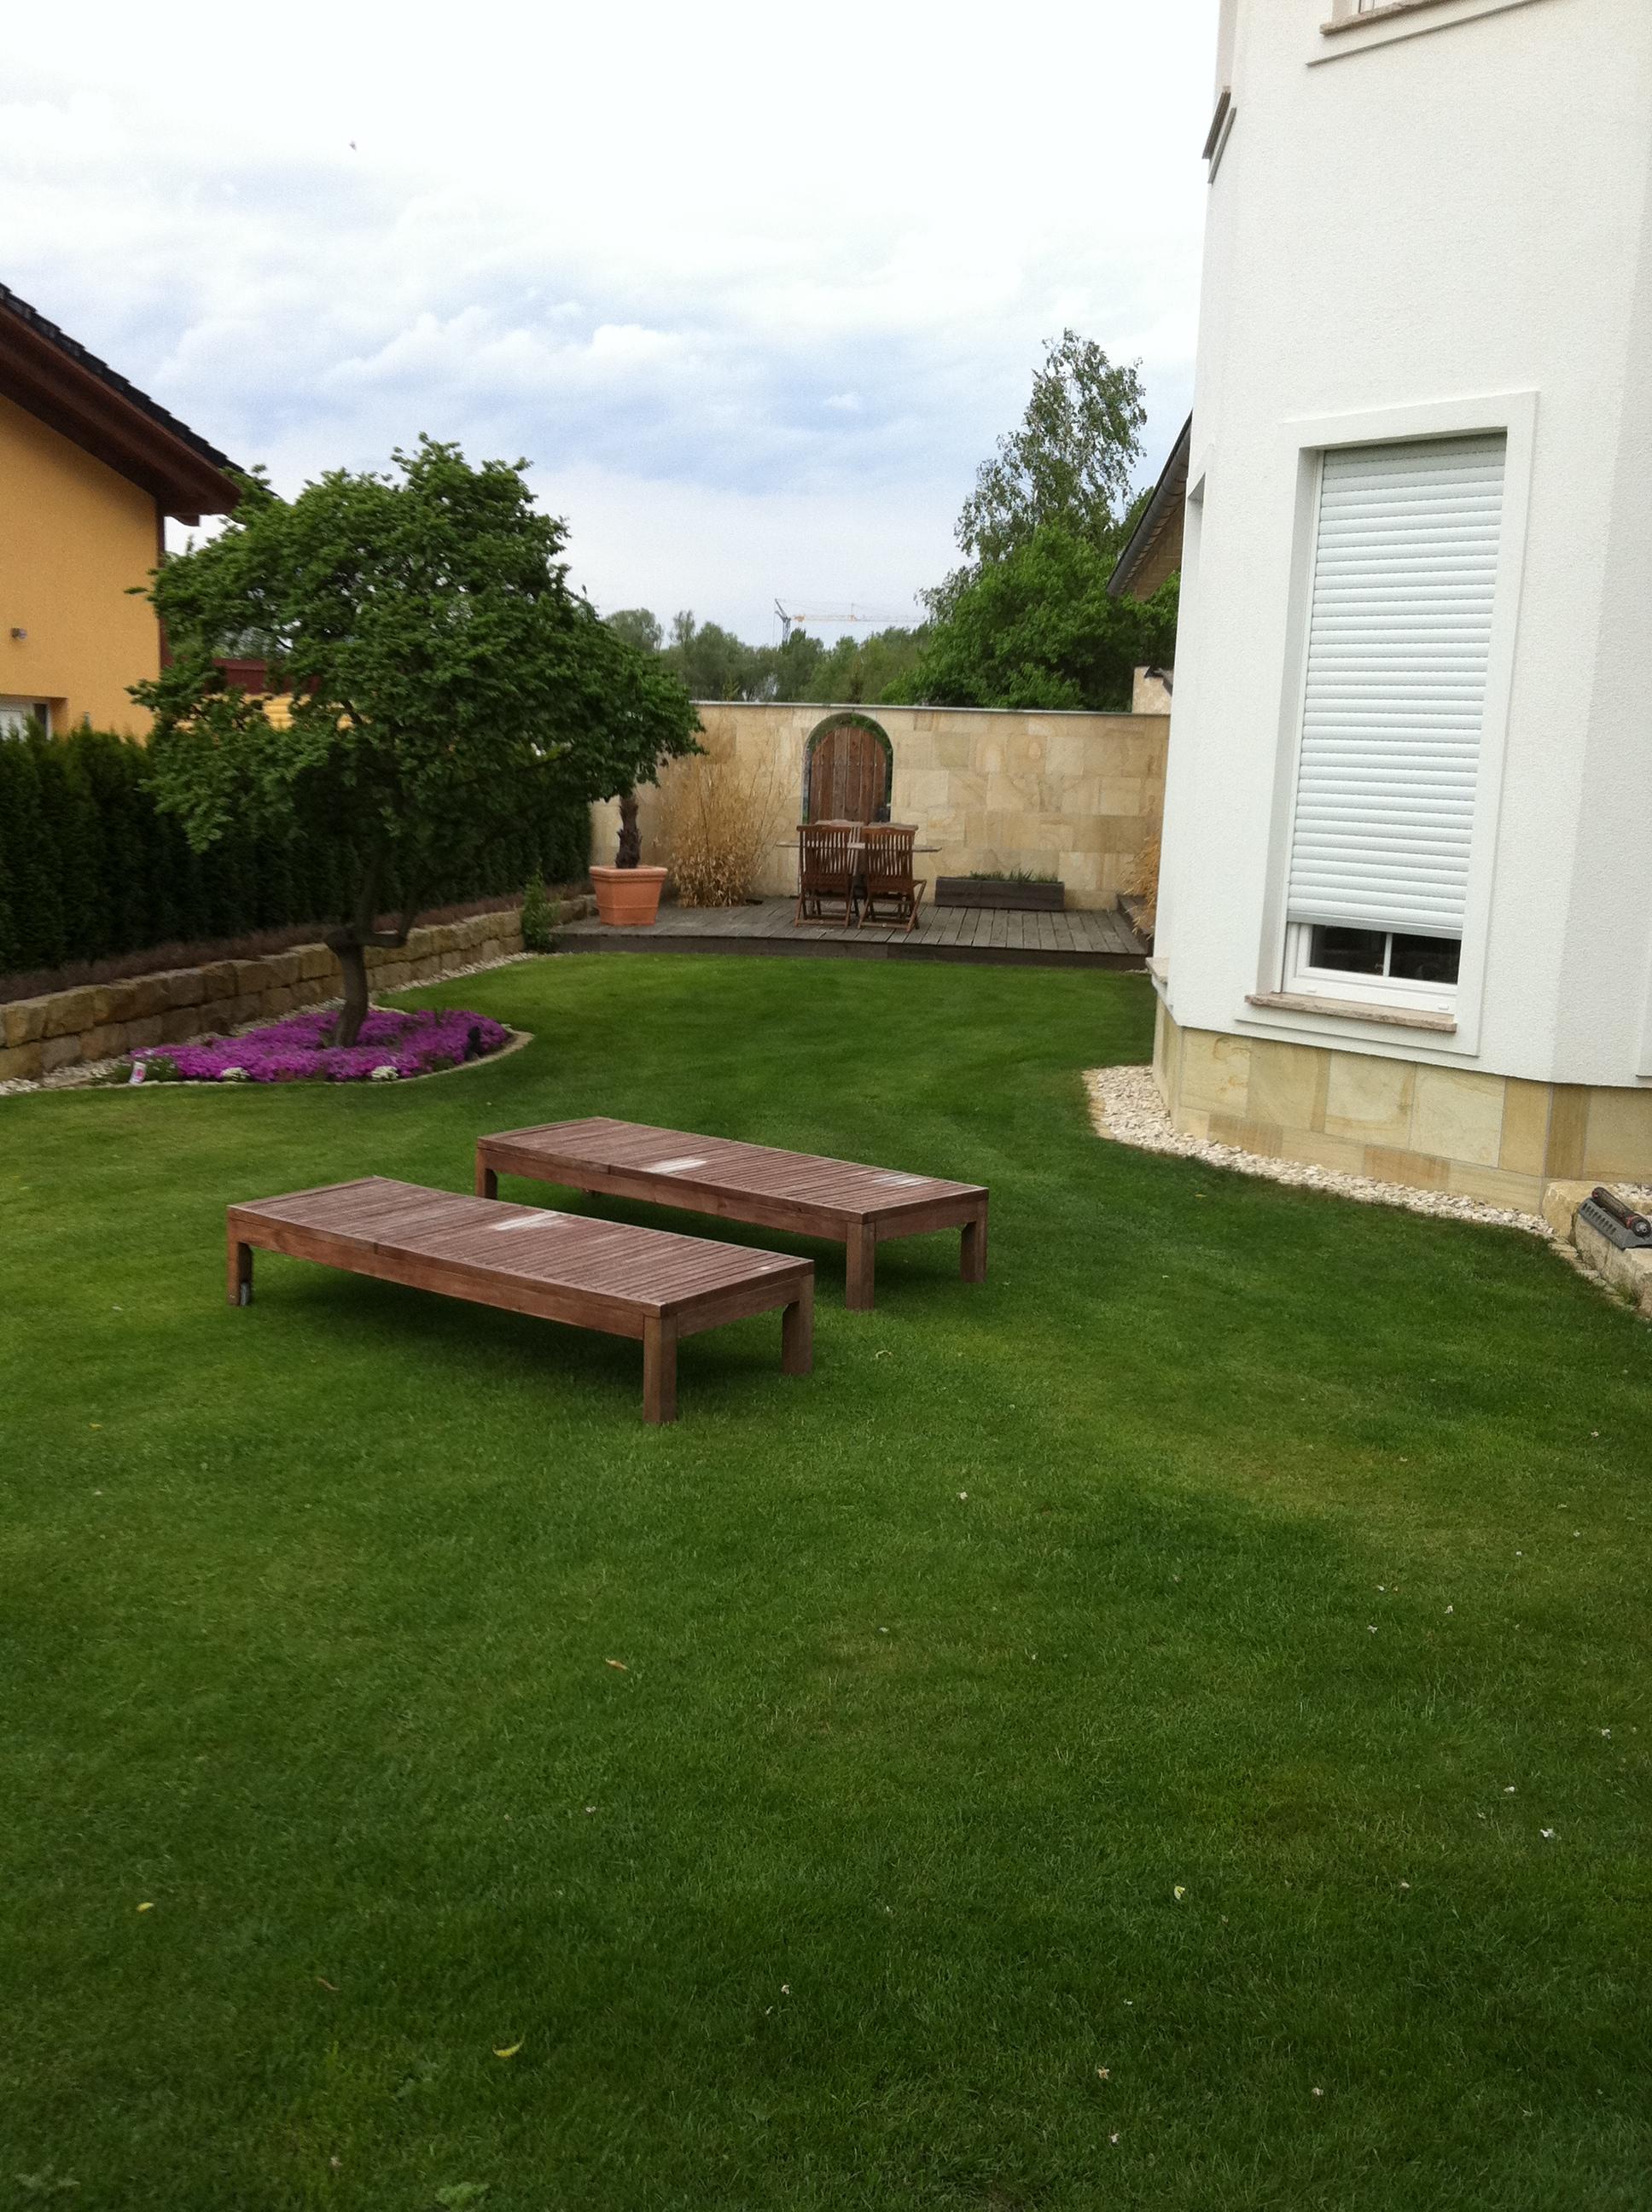 Konzeptionelle Gartengestaltung